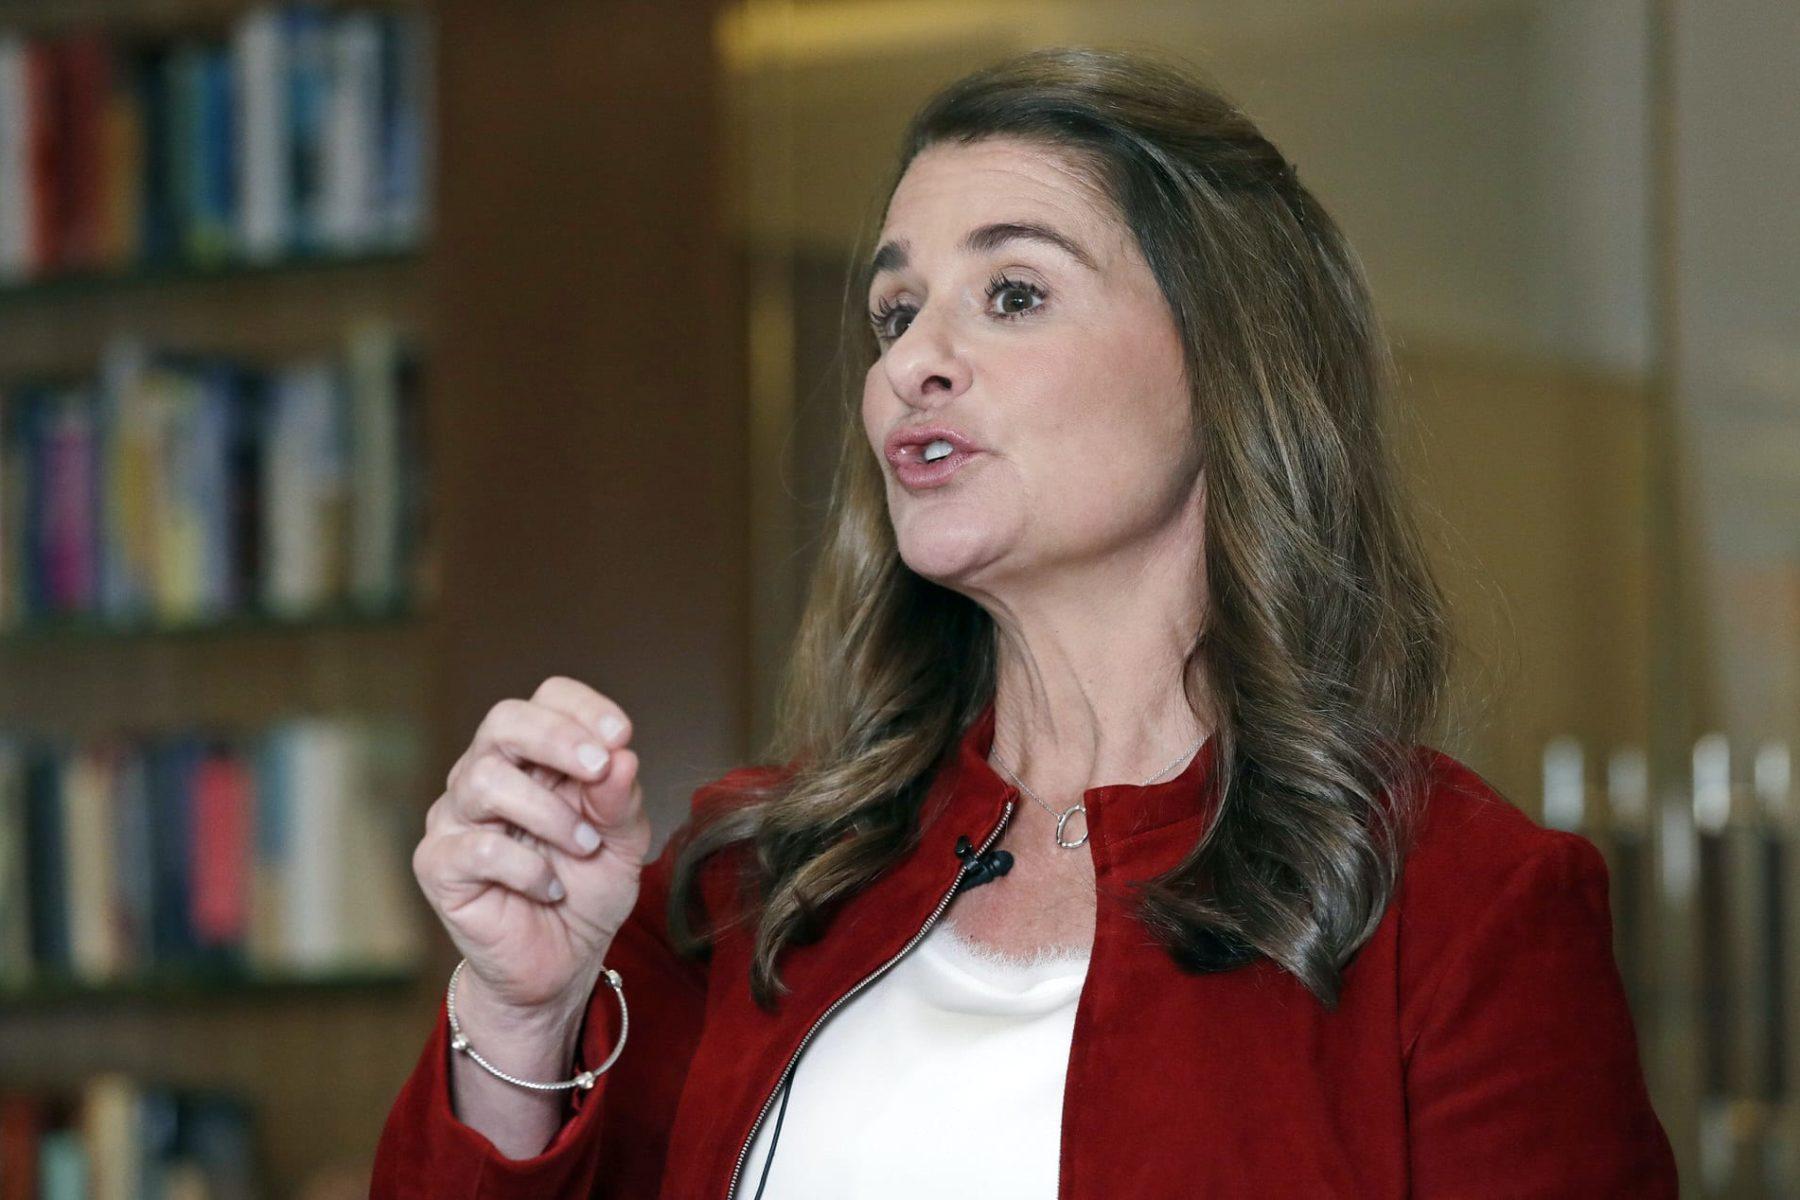 Melinda Gates speaking.